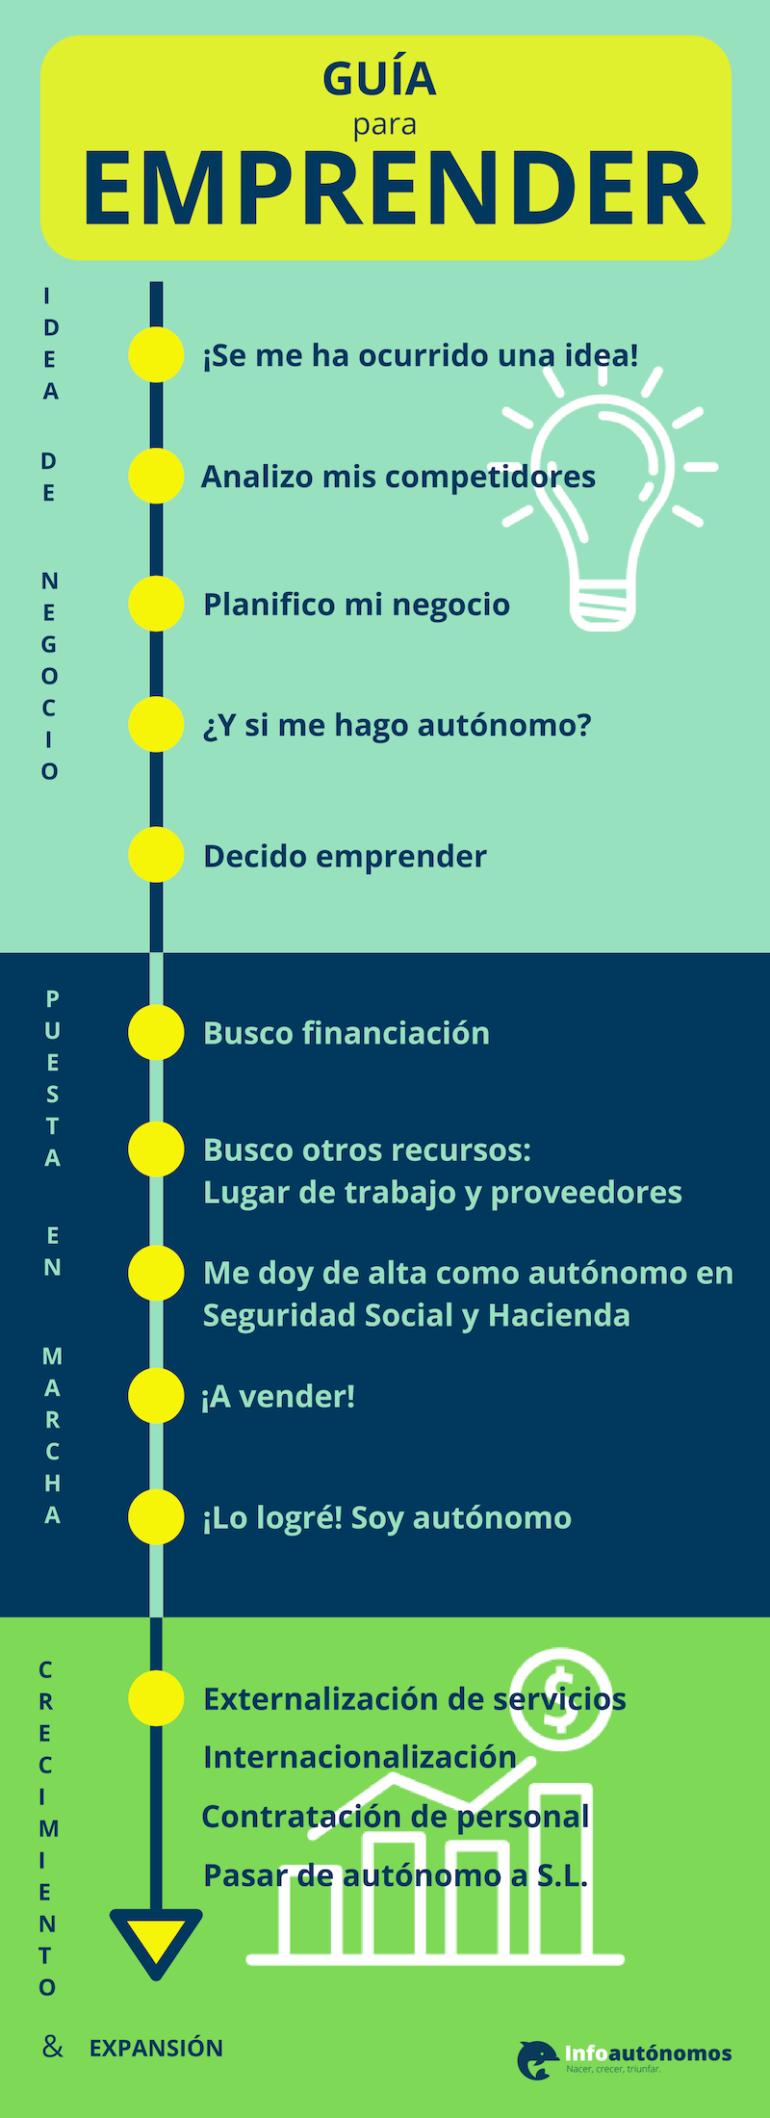 Etapas De Un Proyecto De Emprendimiento Infografia Infographic Emprendedores Emprendimiento Empresarial Proyectos Emprendedores Frases Emprendimiento